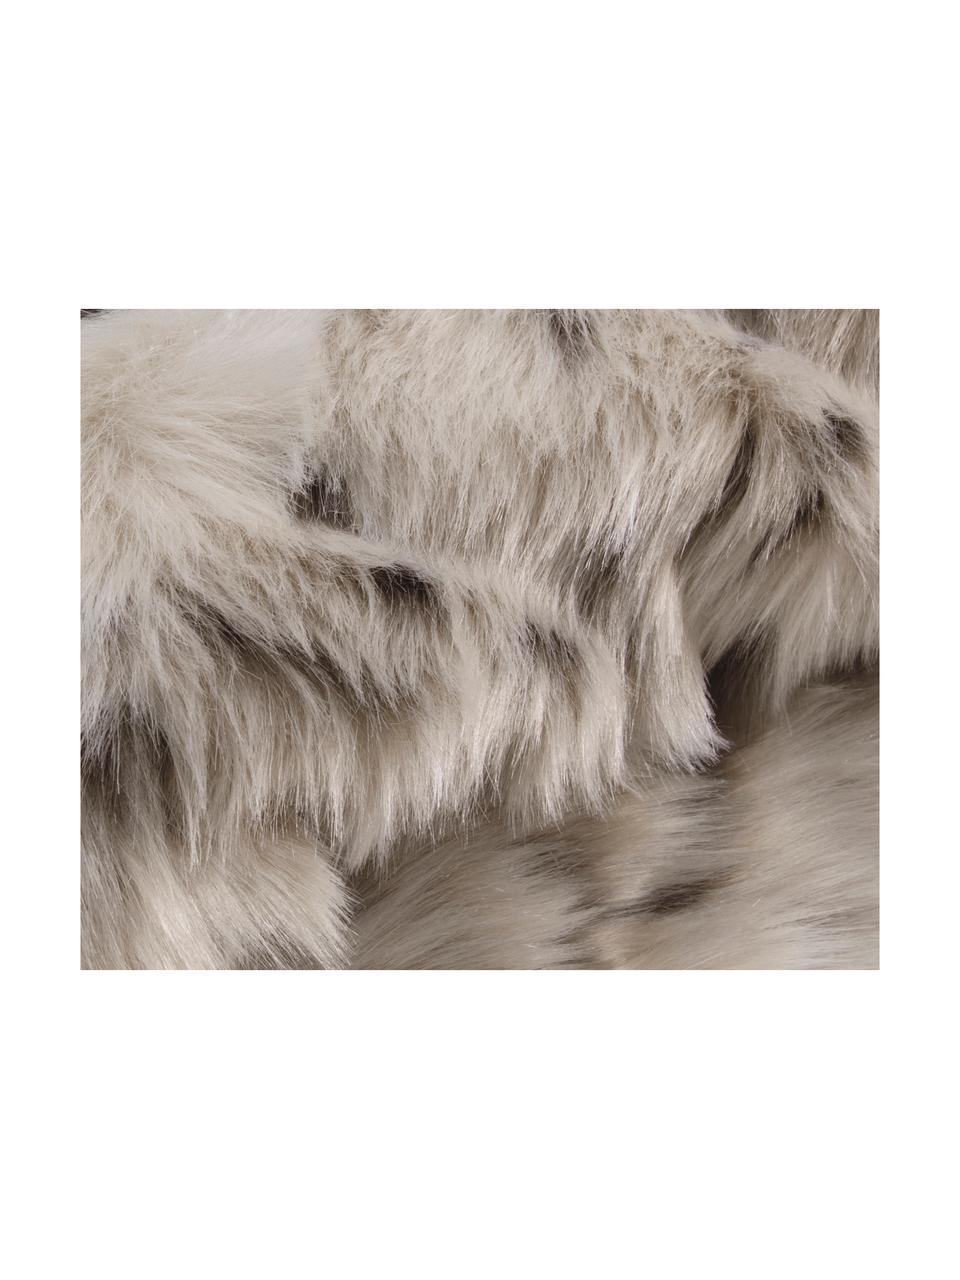 Puszysty koc ze sztucznego futra Skins, Przód:  biały, jasny brązowy, brązowy Tył: kość słoniowa, S 150 x D 200 cm